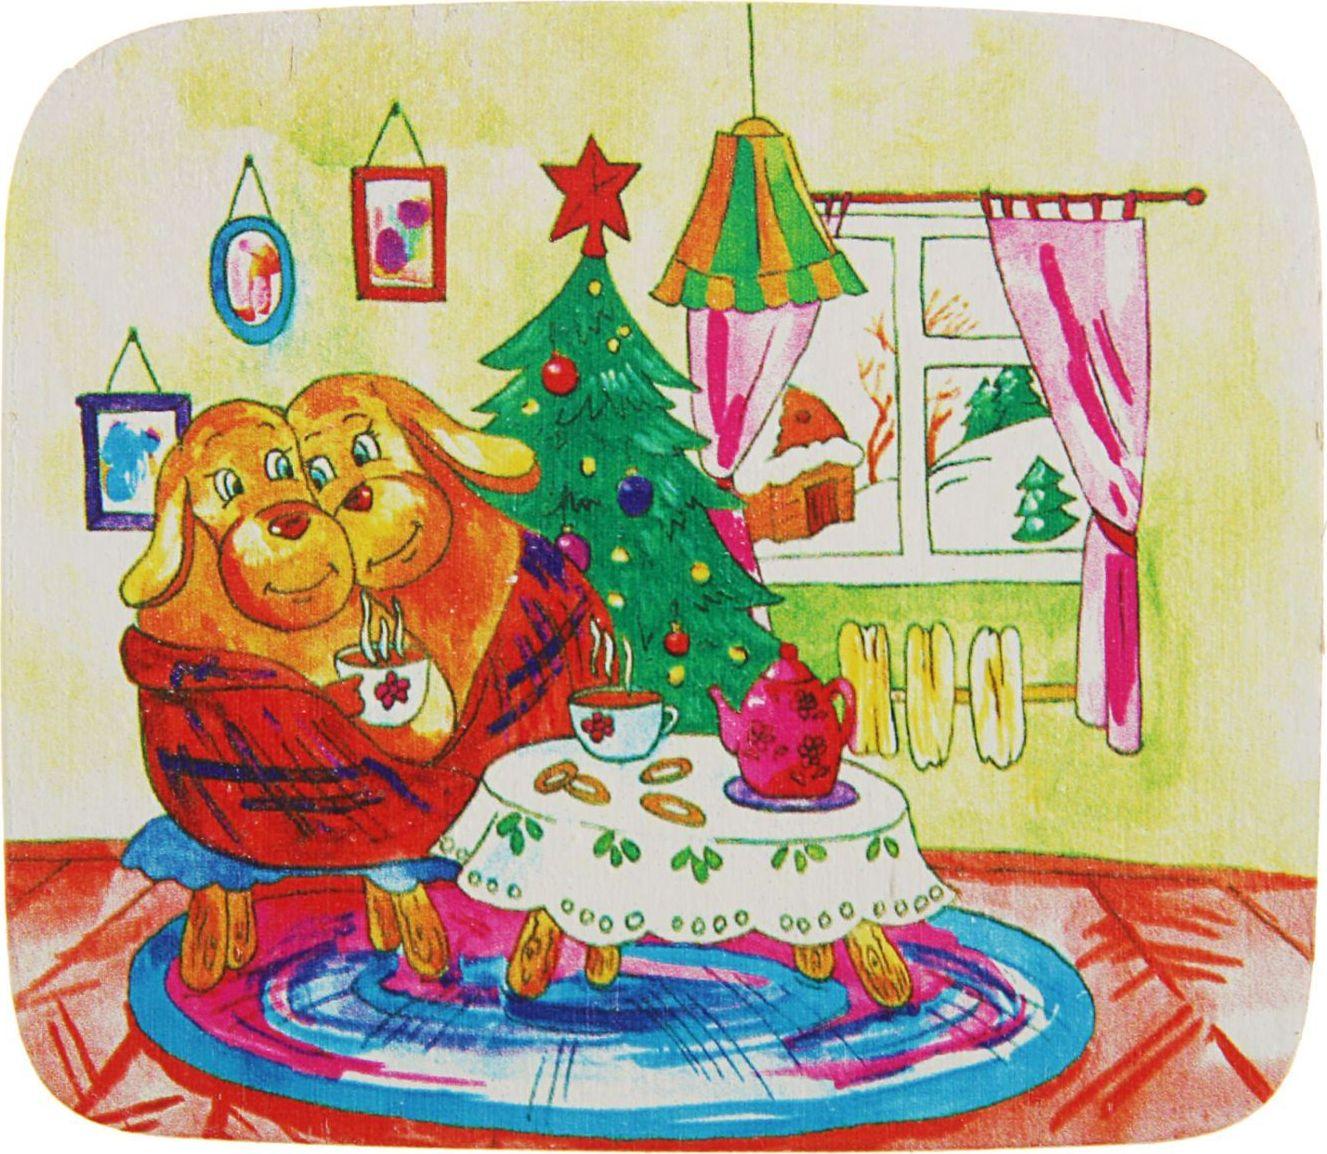 Магнит ТД ДМ Уют. Символ года, 7 х 8 см2368021Порадуйте родных и близких оригинальным сувениром: преподнесите в подарок магнит. С ним даже самый серьёзный человек почувствует себя ребёнком, ожидающим чудо!Создайте праздничное настроение, и оно останется с вами на весь год.